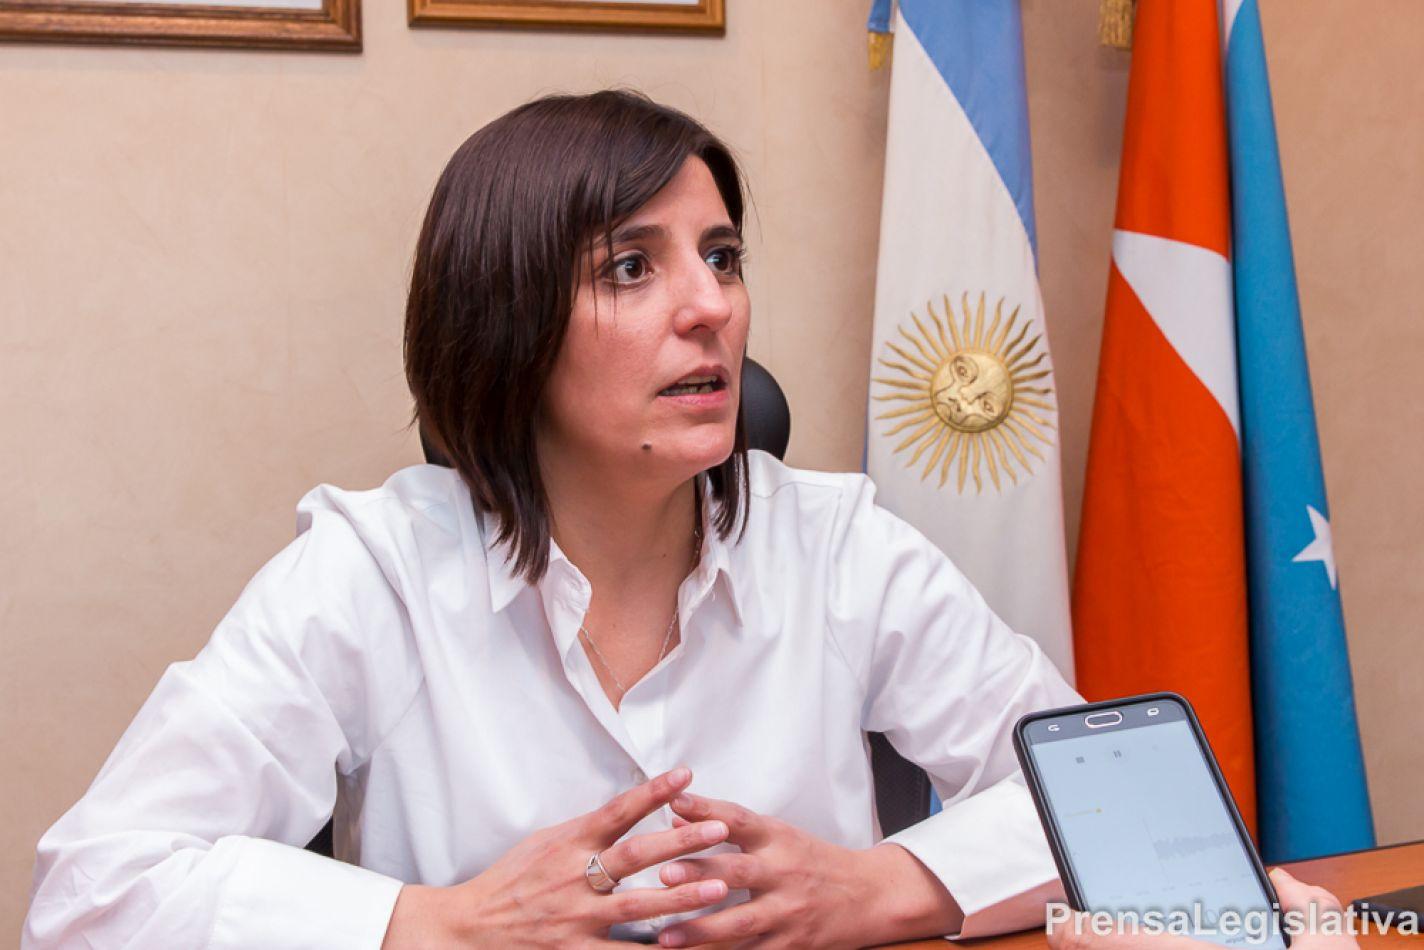 Angelina Carrasco presidirá Justicia y Seguridad en el Parlamento